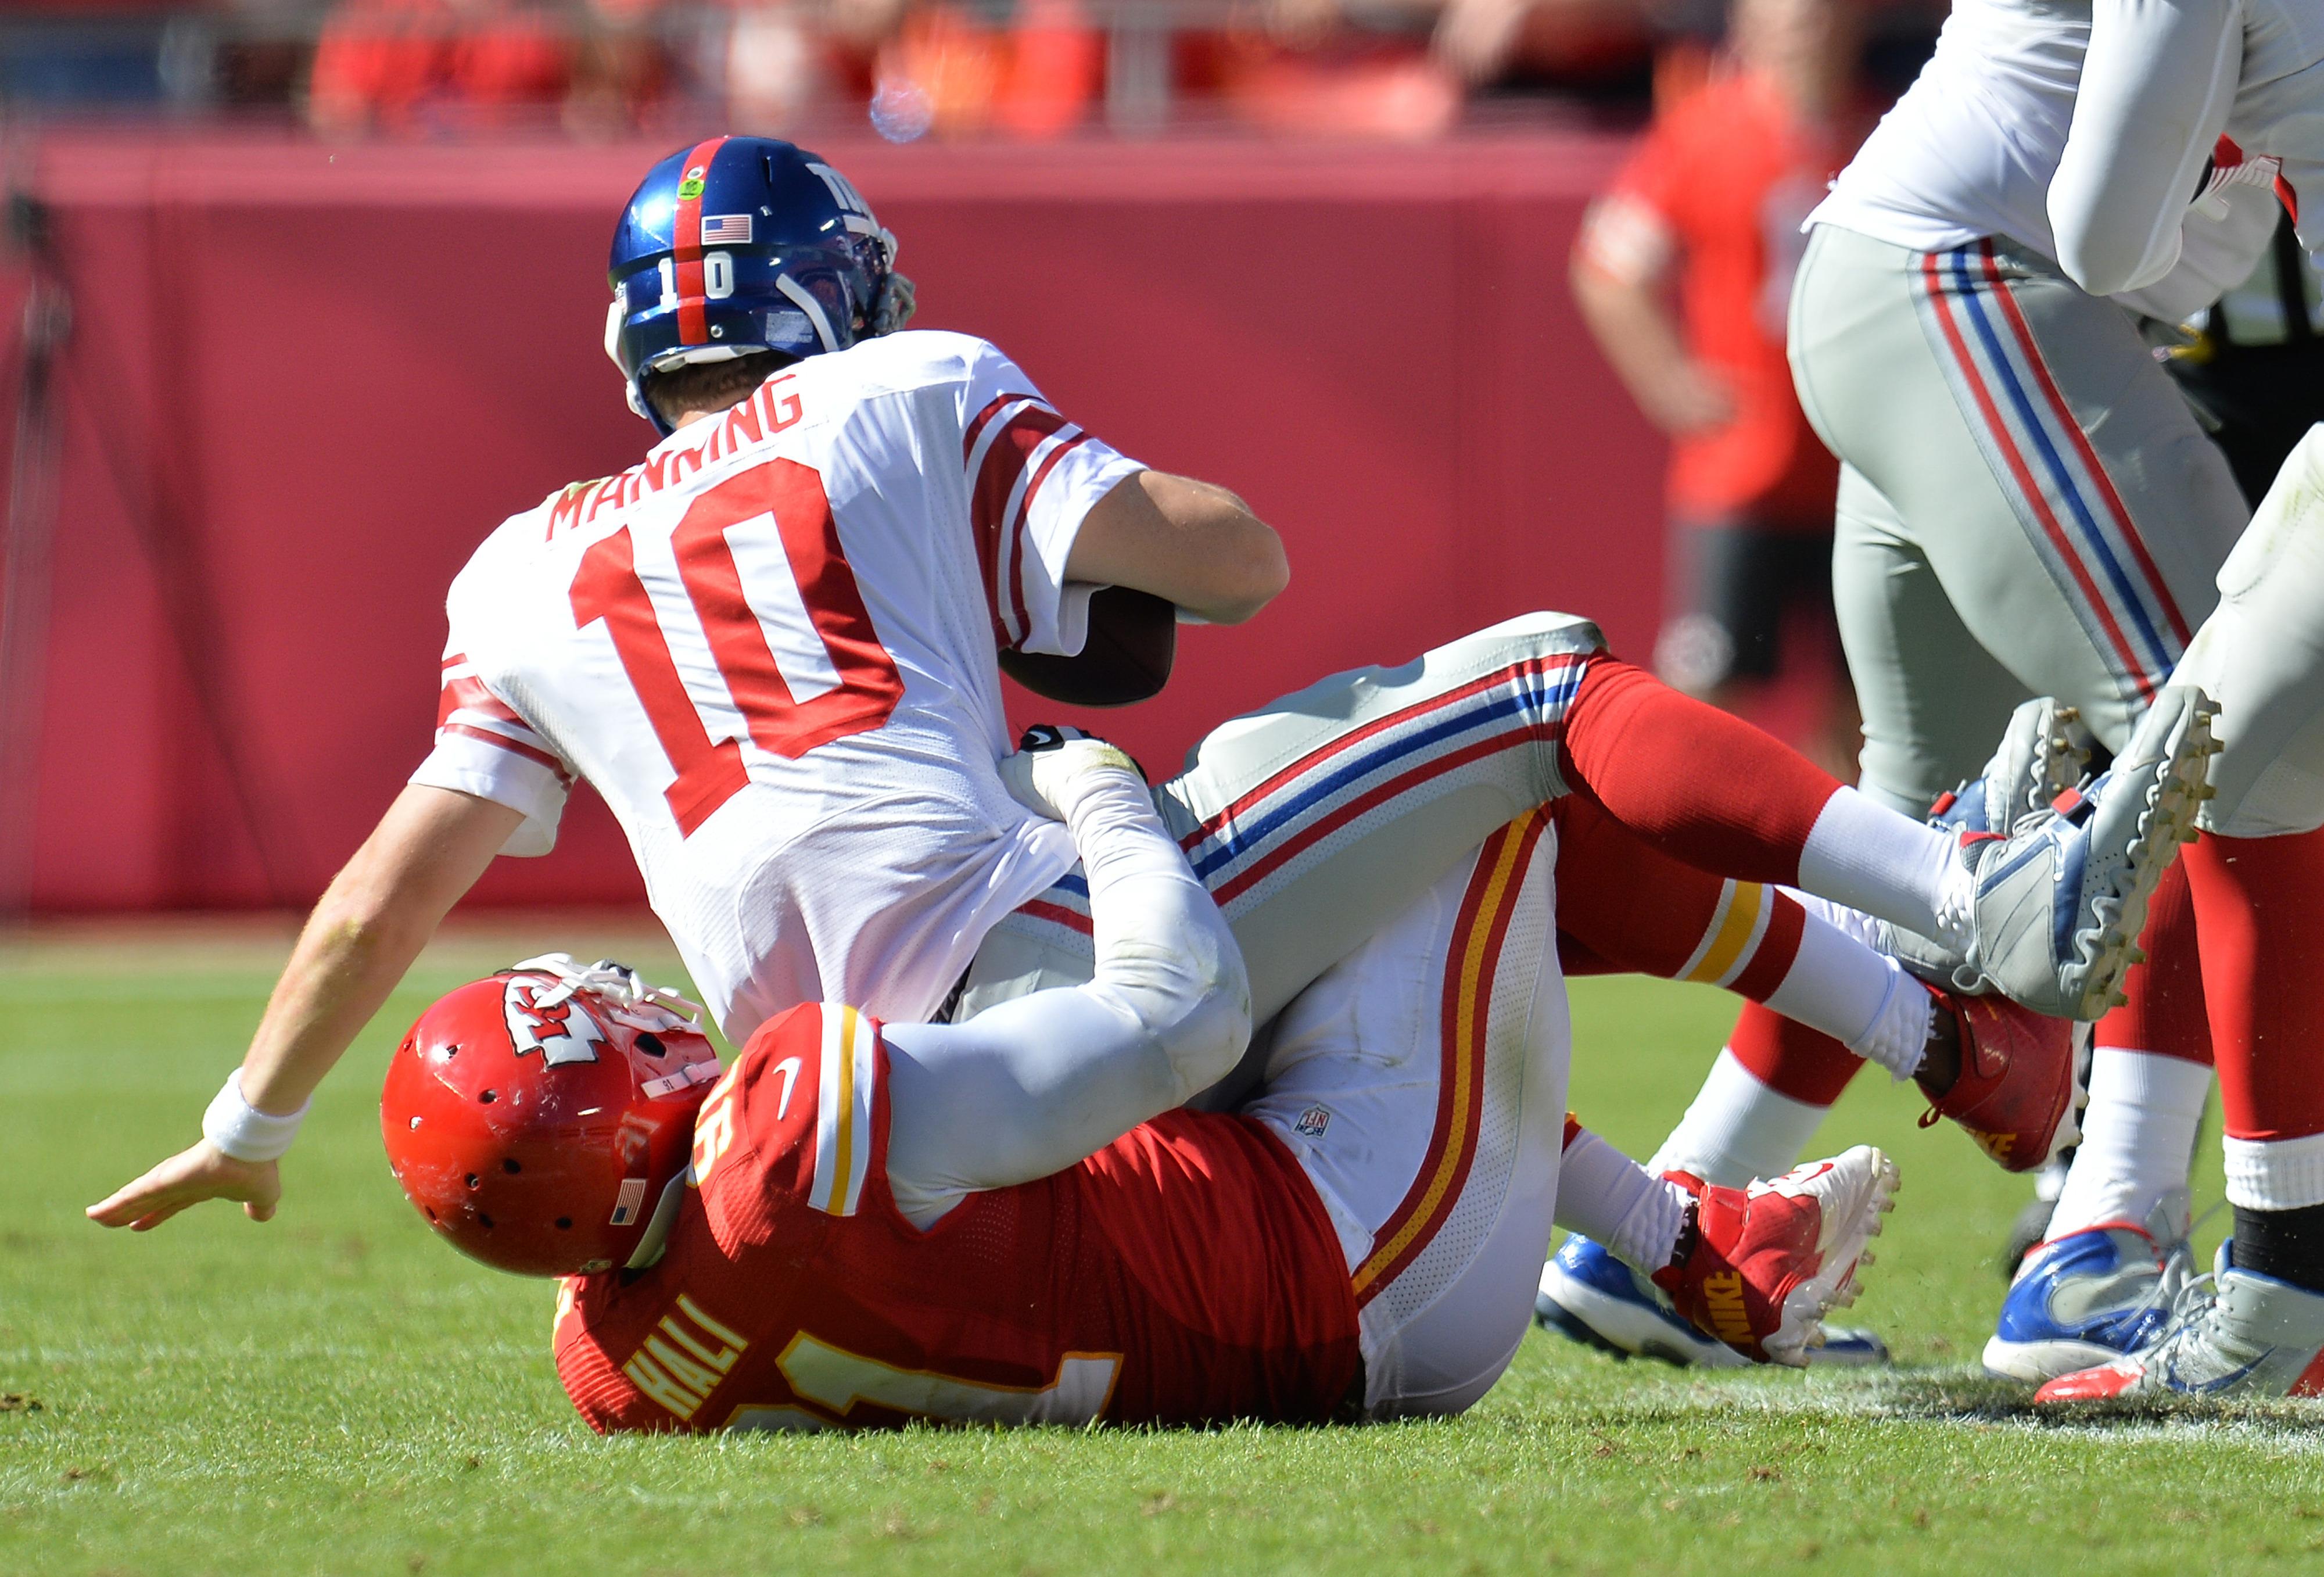 Eli Manning is sacked on Sunday